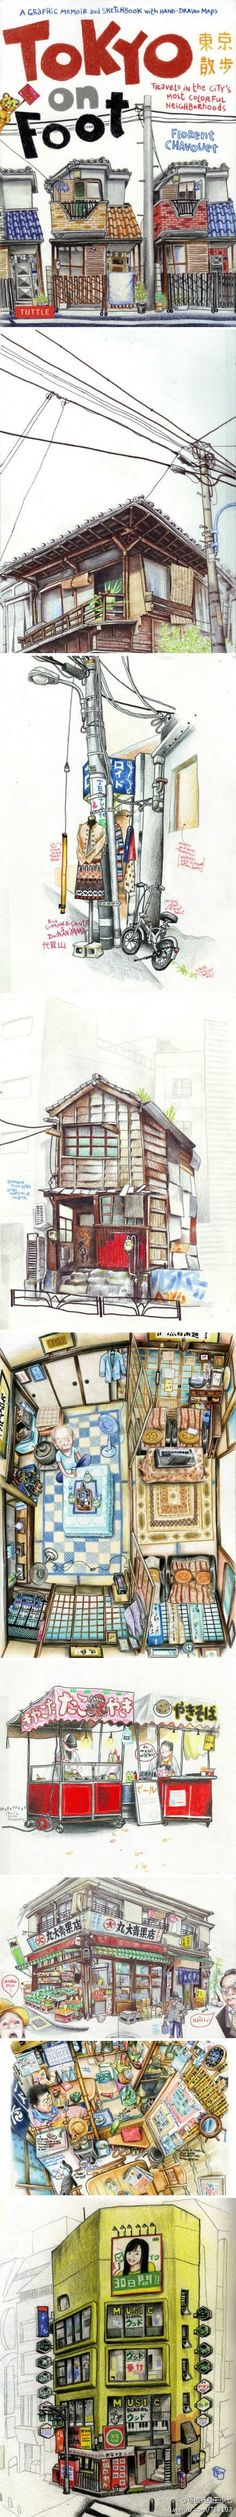 法國畫家Florent Chavouet描寫的《東京漫步》,是一本充满趣味的書, 呈現建築物、人物、食品,很生活化的小事物卻充满驚喜。